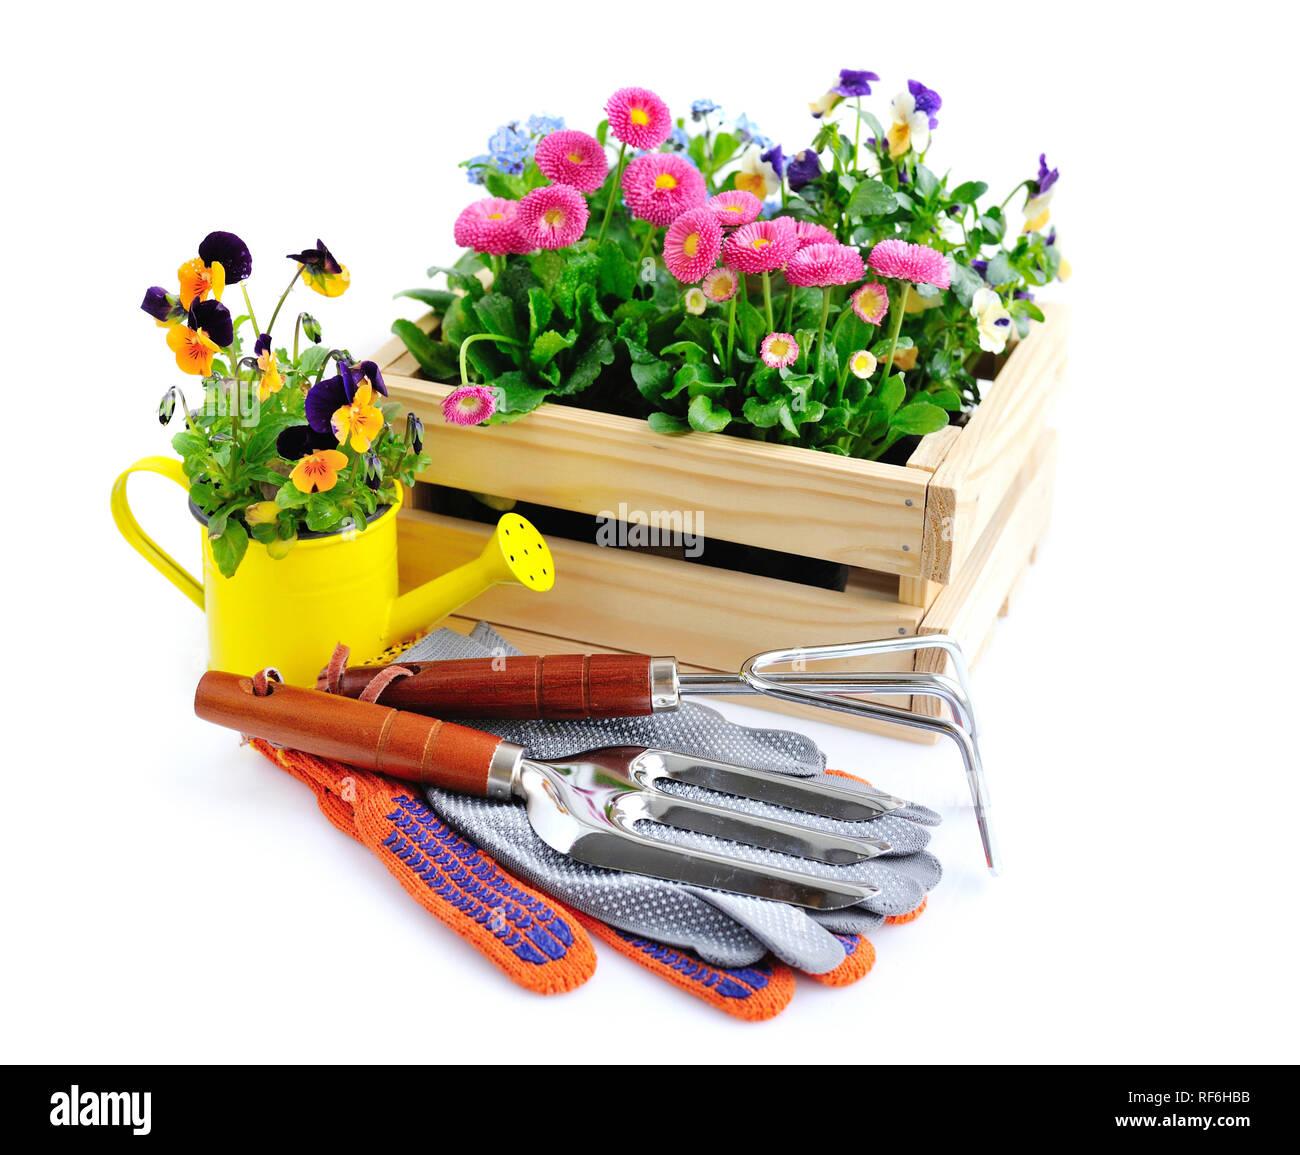 Giardinaggio E Fiori.Utensili Da Giardinaggio E Fiori Isolati Su Sfondo Bianco Foto